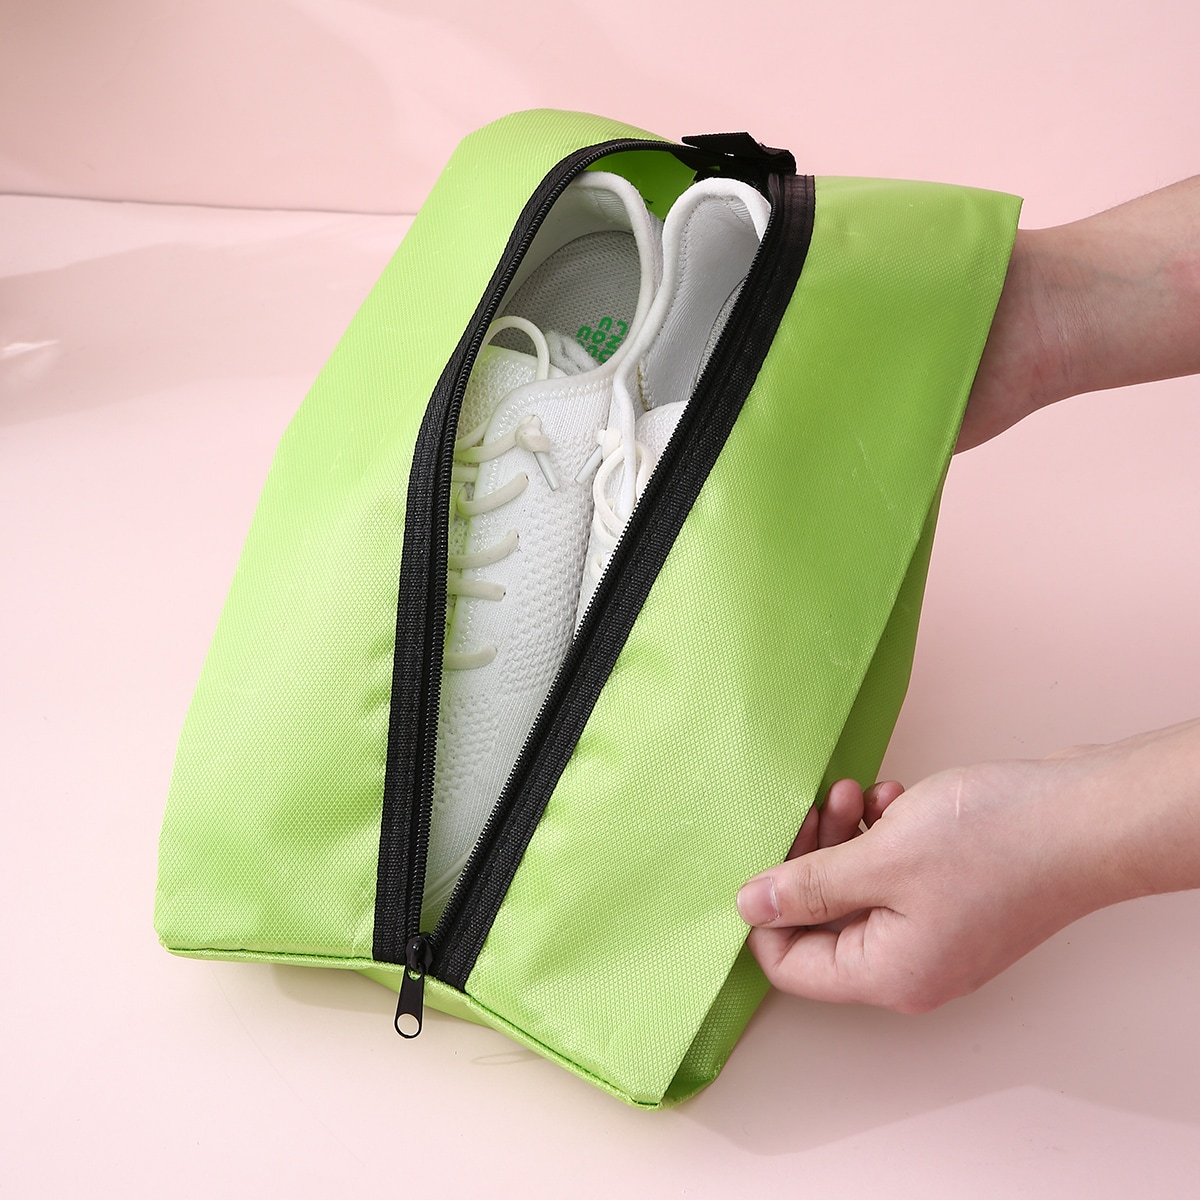 1шт портативная сумка для хранения обуви